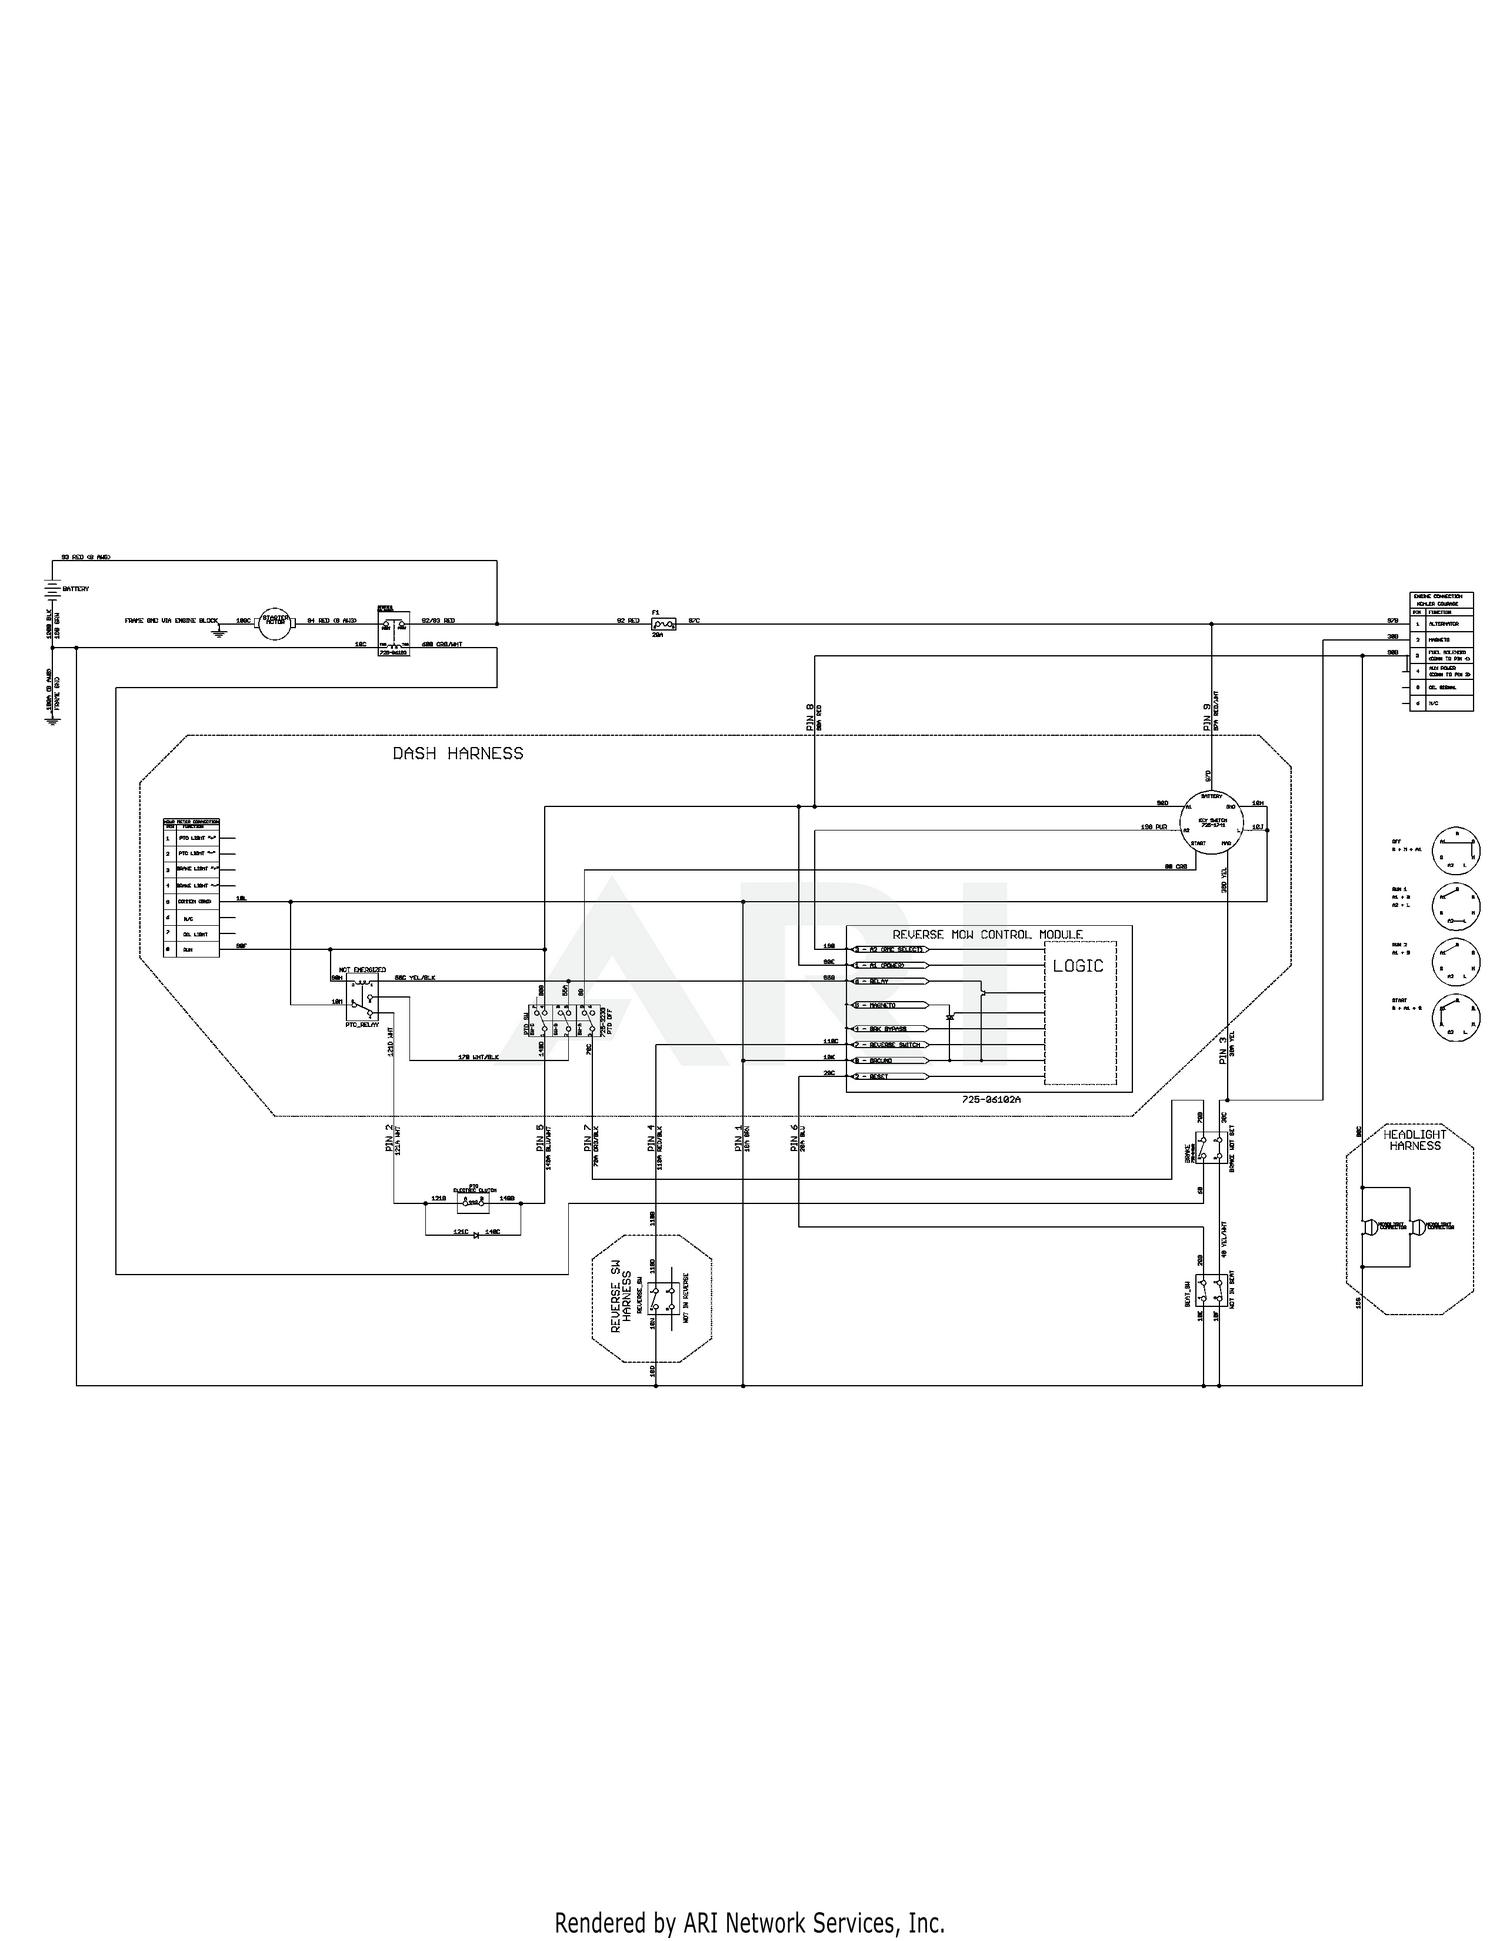 rzt cub cadet wiring diagram cub cadet xt1 lt50 tractor  2015  13aqa1cq009  2015  13aqa1cq010 cub cadet rzt l wiring diagram cub cadet xt1 lt50 tractor  2015